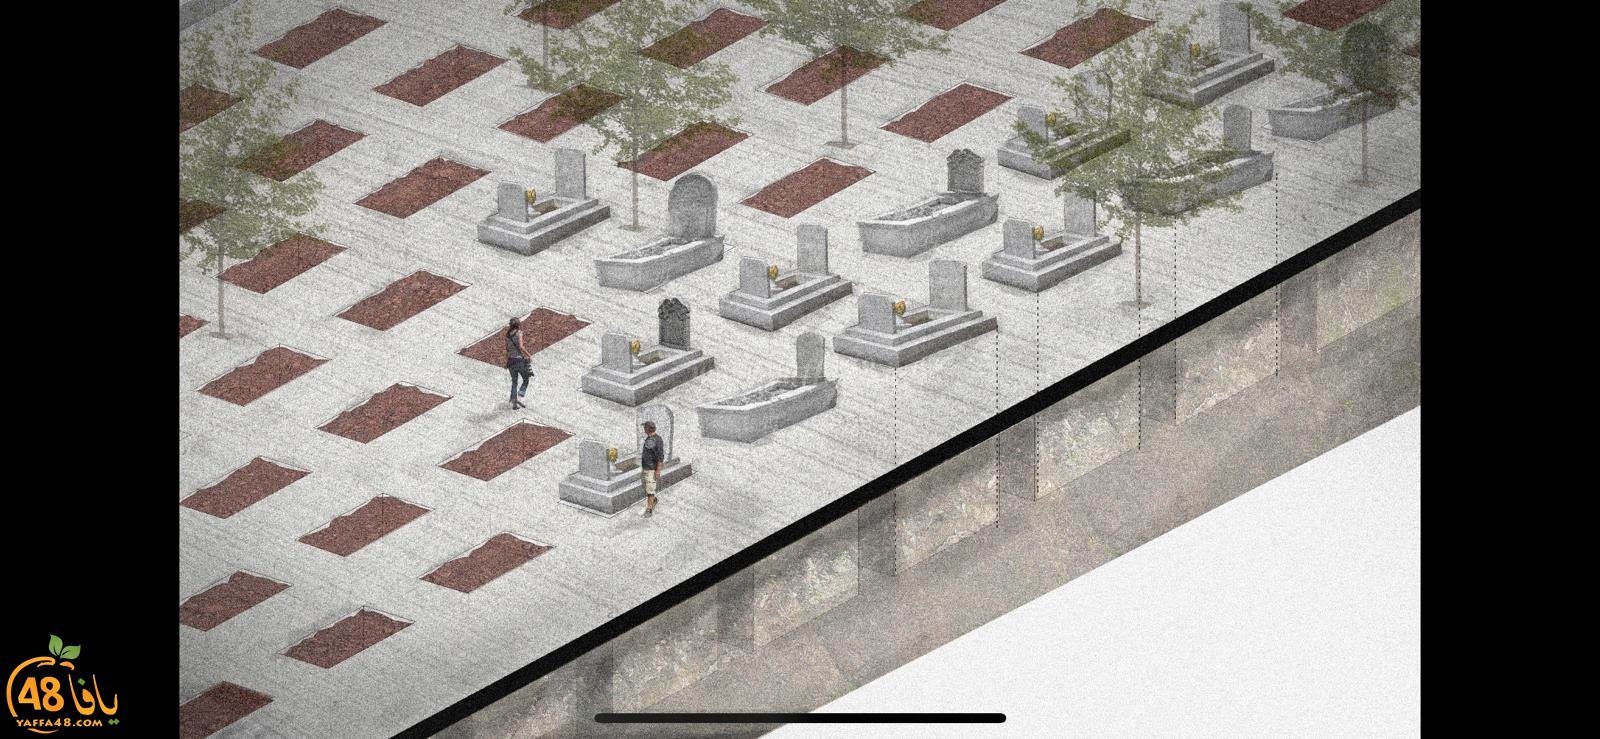 فيديو: ساهم معنا في حملة بناء أضخم مسطح لدفن الموتى في مقبرة طاسو الاسلامية بيافا